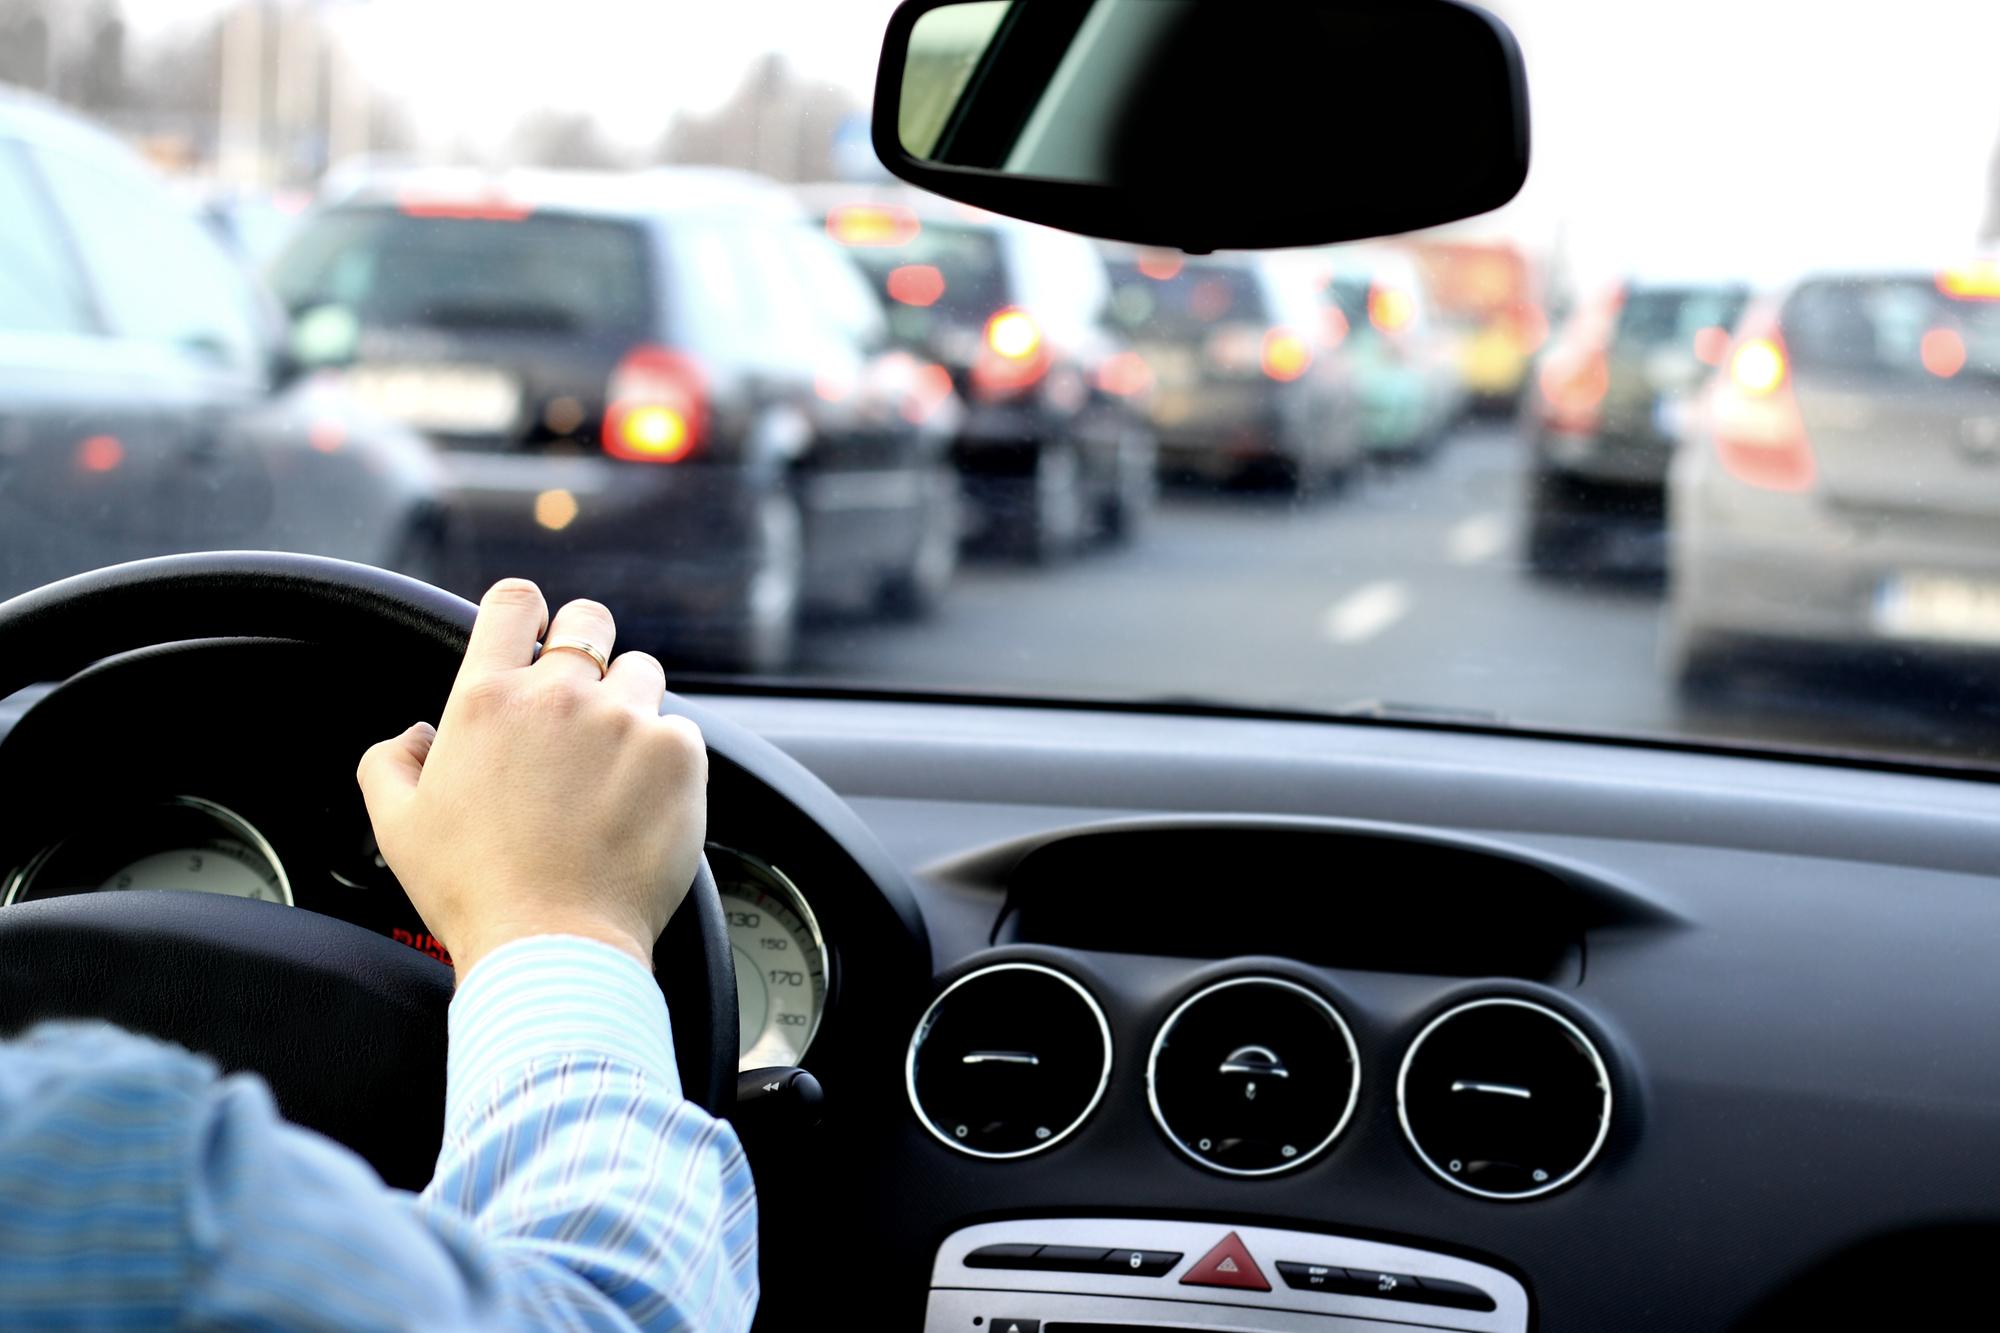 Сократите расходы с помощью этих 6 правил безопасного вождения